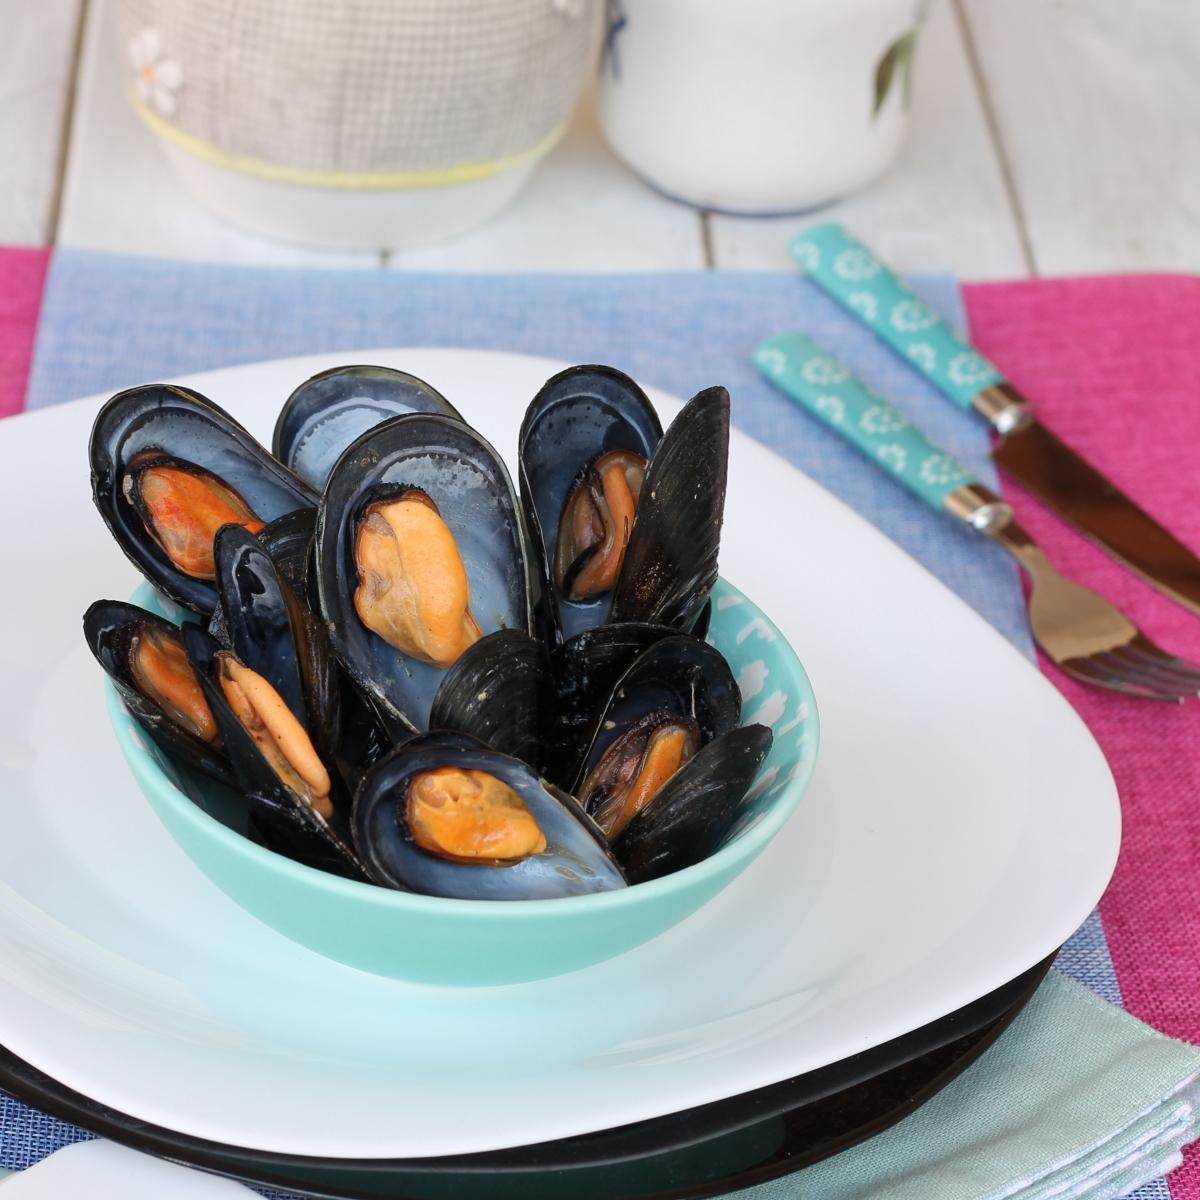 RICETTA IMPEPATA DI COZZE ricetta tipica napoletana antipasto di mare